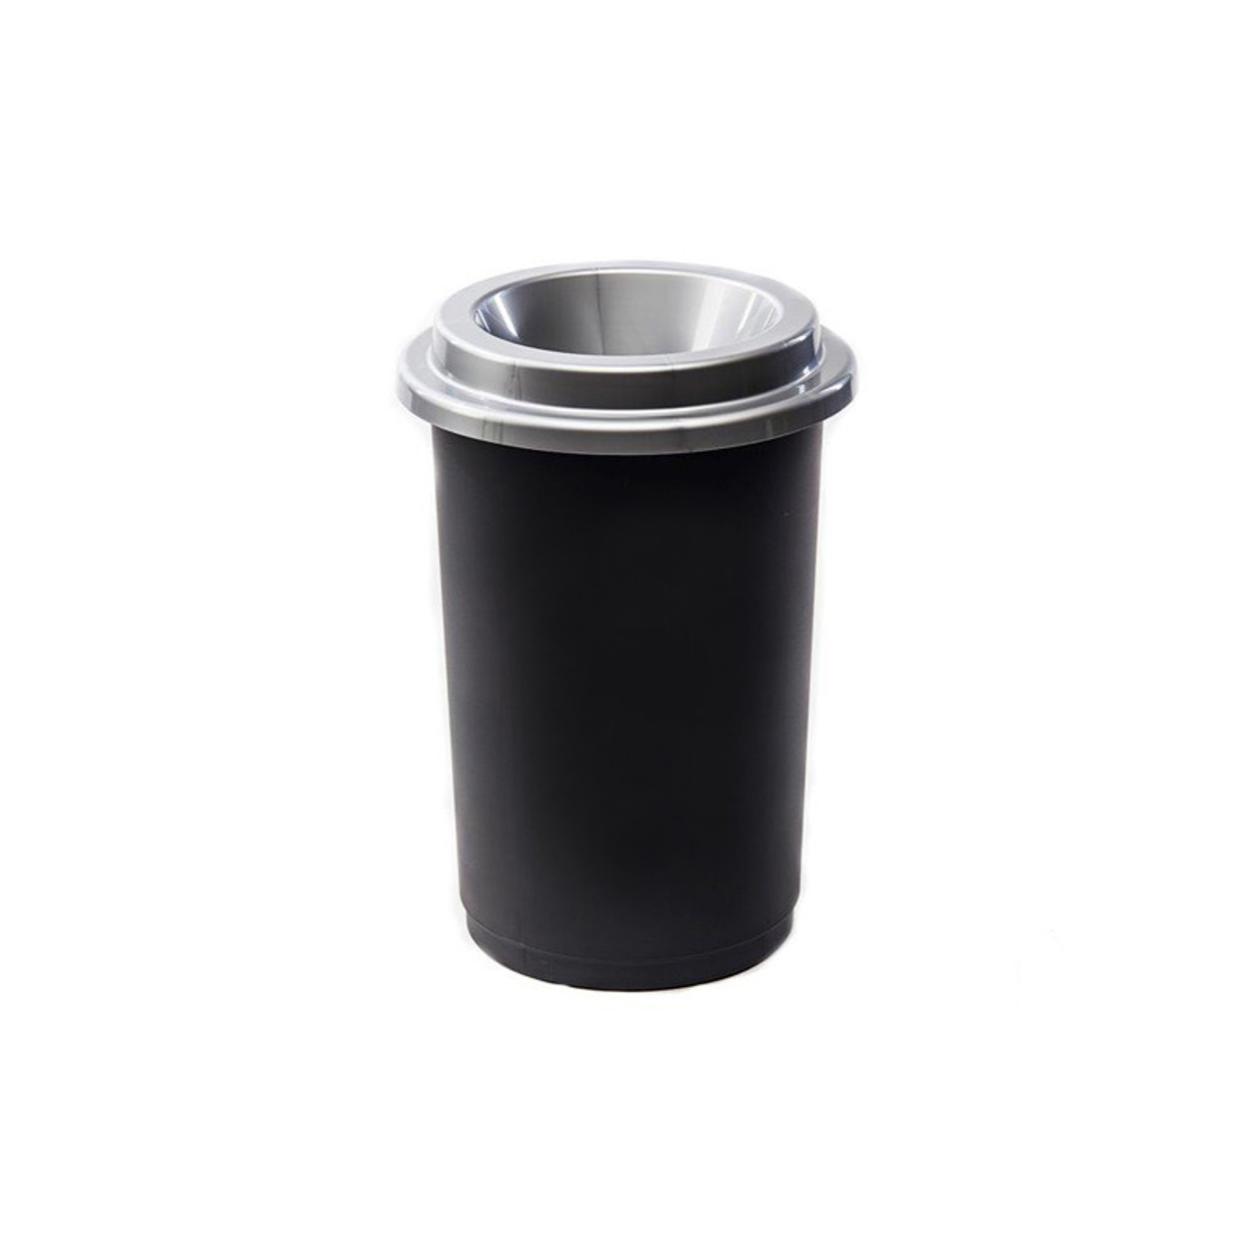 Guľatý plastový kôš na triedený odpad, 50 l, šedá